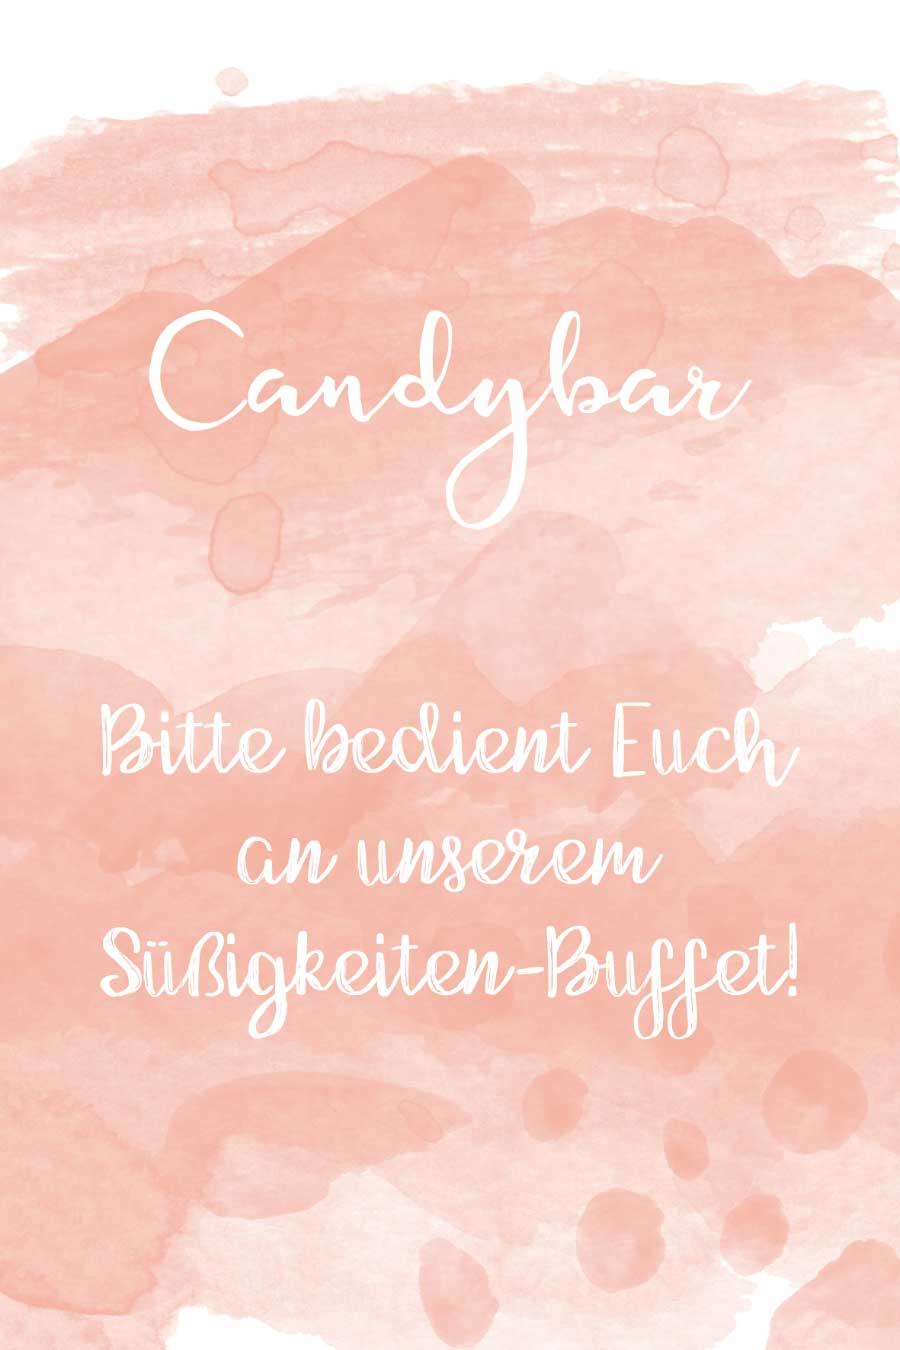 Candybar Schild in Wasserfarben-Optik kostenlos zum Download